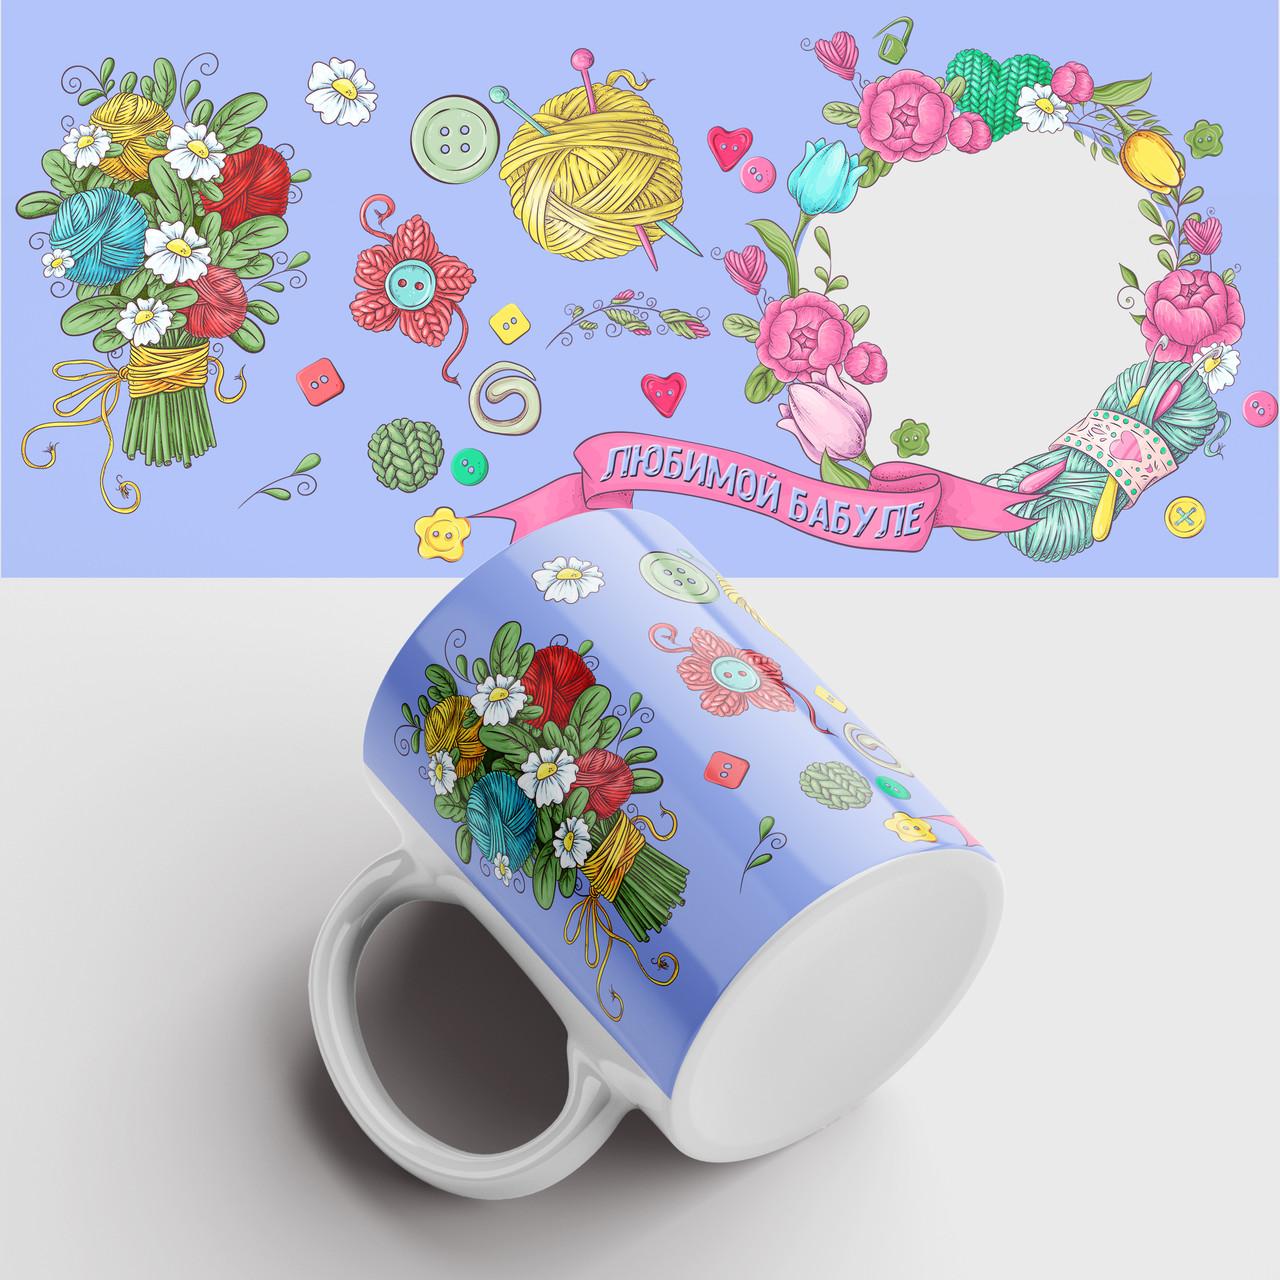 Чашка подарунок Бабусі. Чашка з принтом Улюбленої Бабусі. Чашка з фото